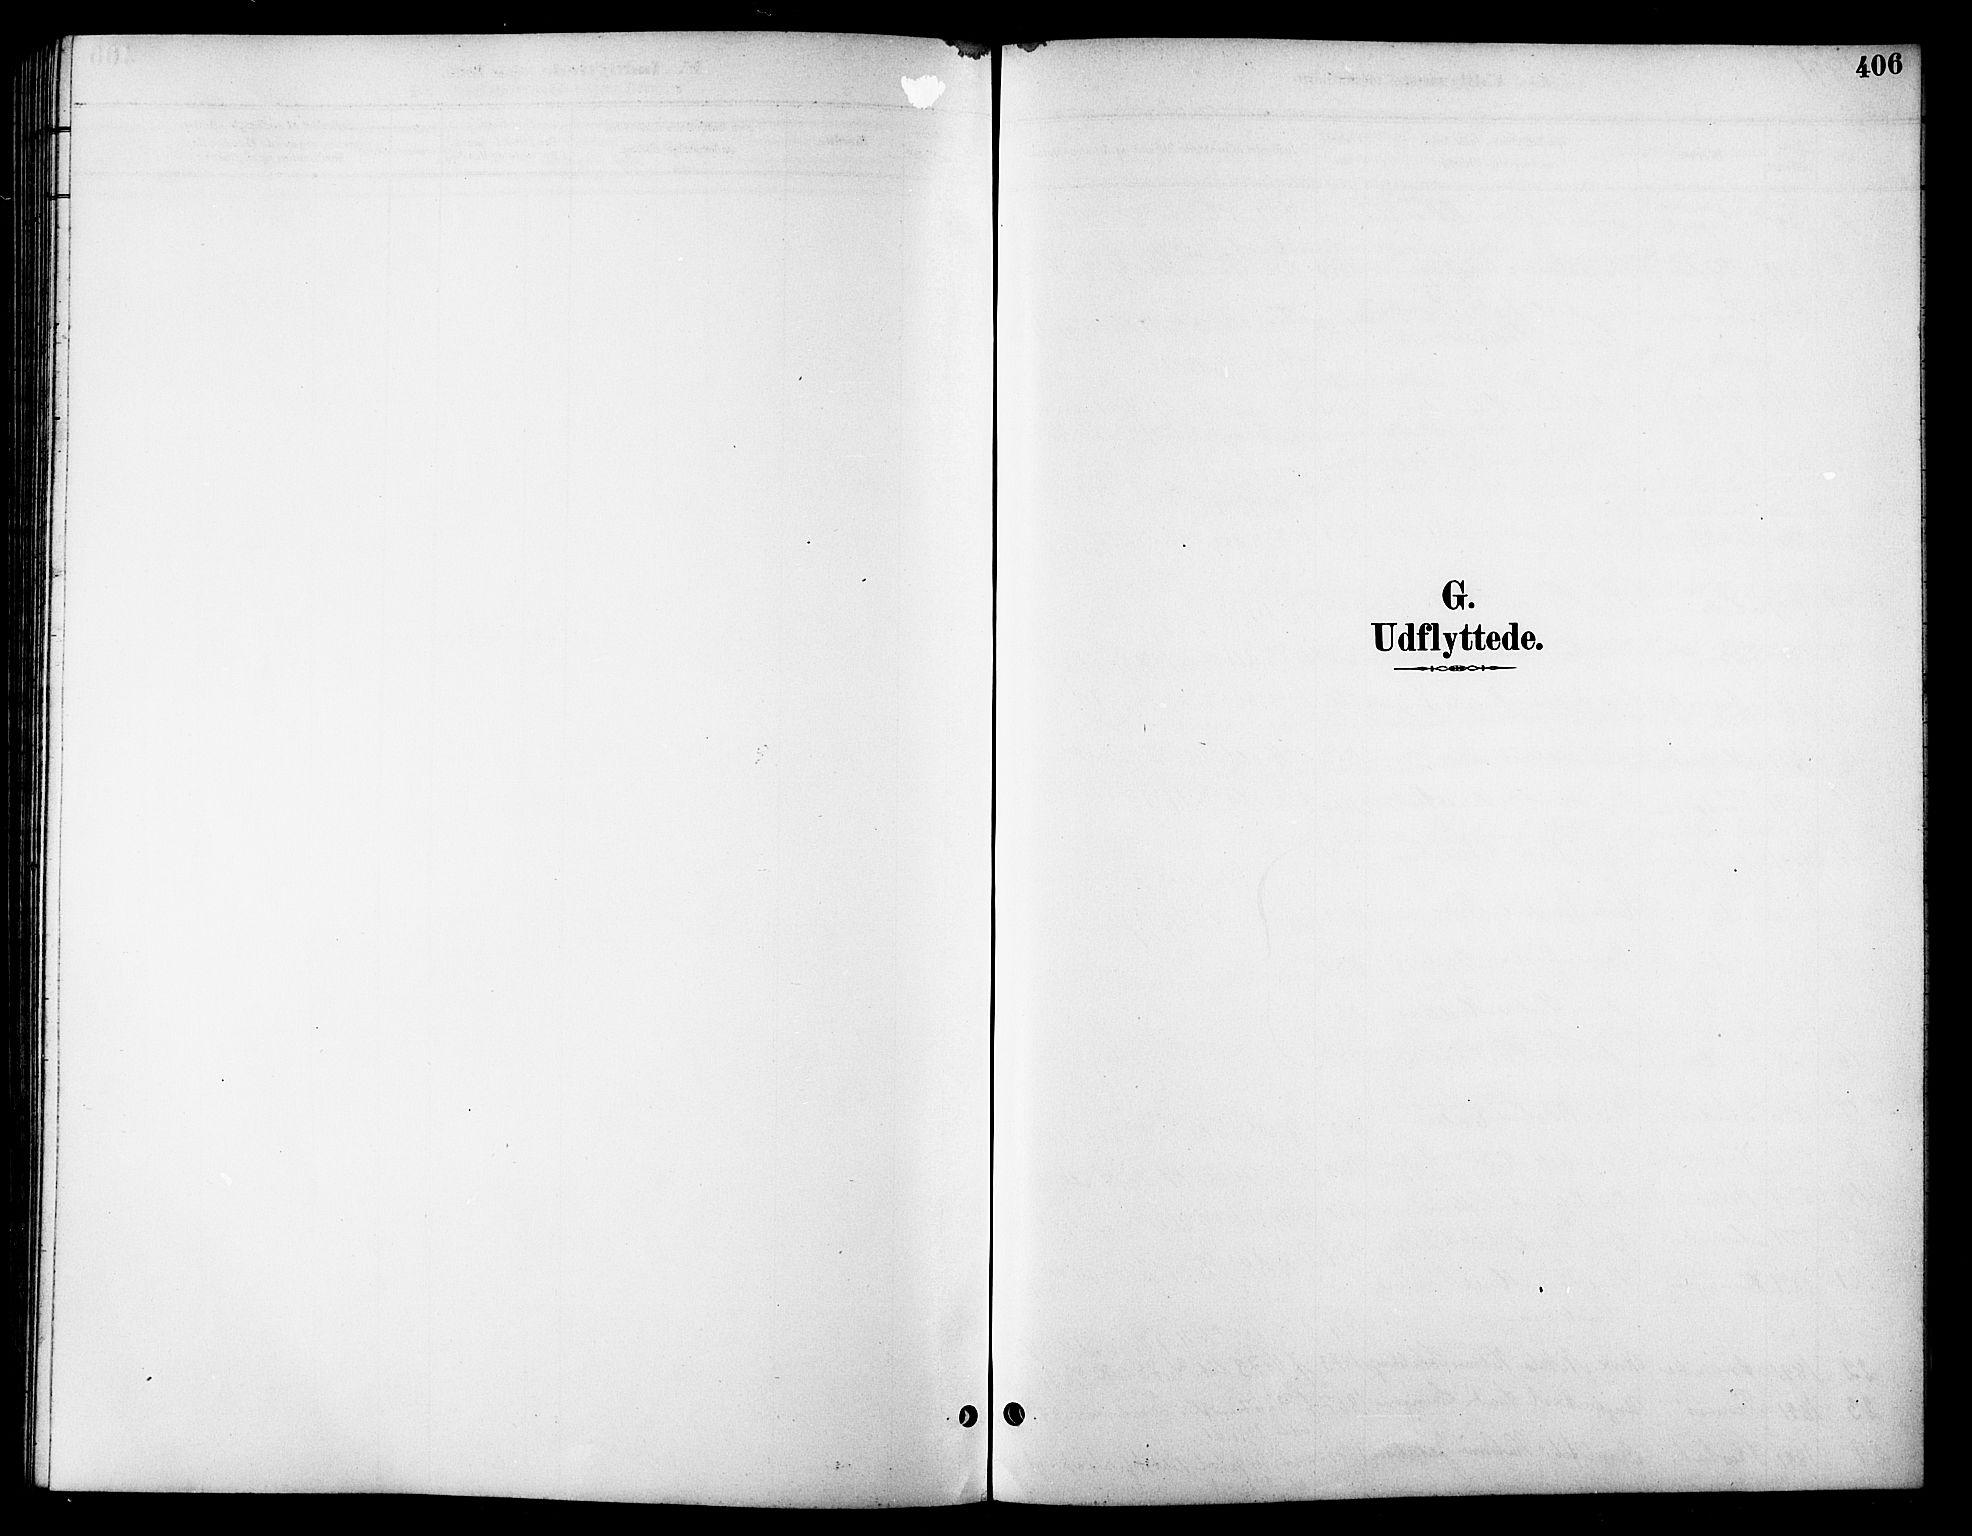 SATØ, Trondenes sokneprestkontor, H/Hb/L0011klokker: Klokkerbok nr. 11, 1891-1906, s. 406